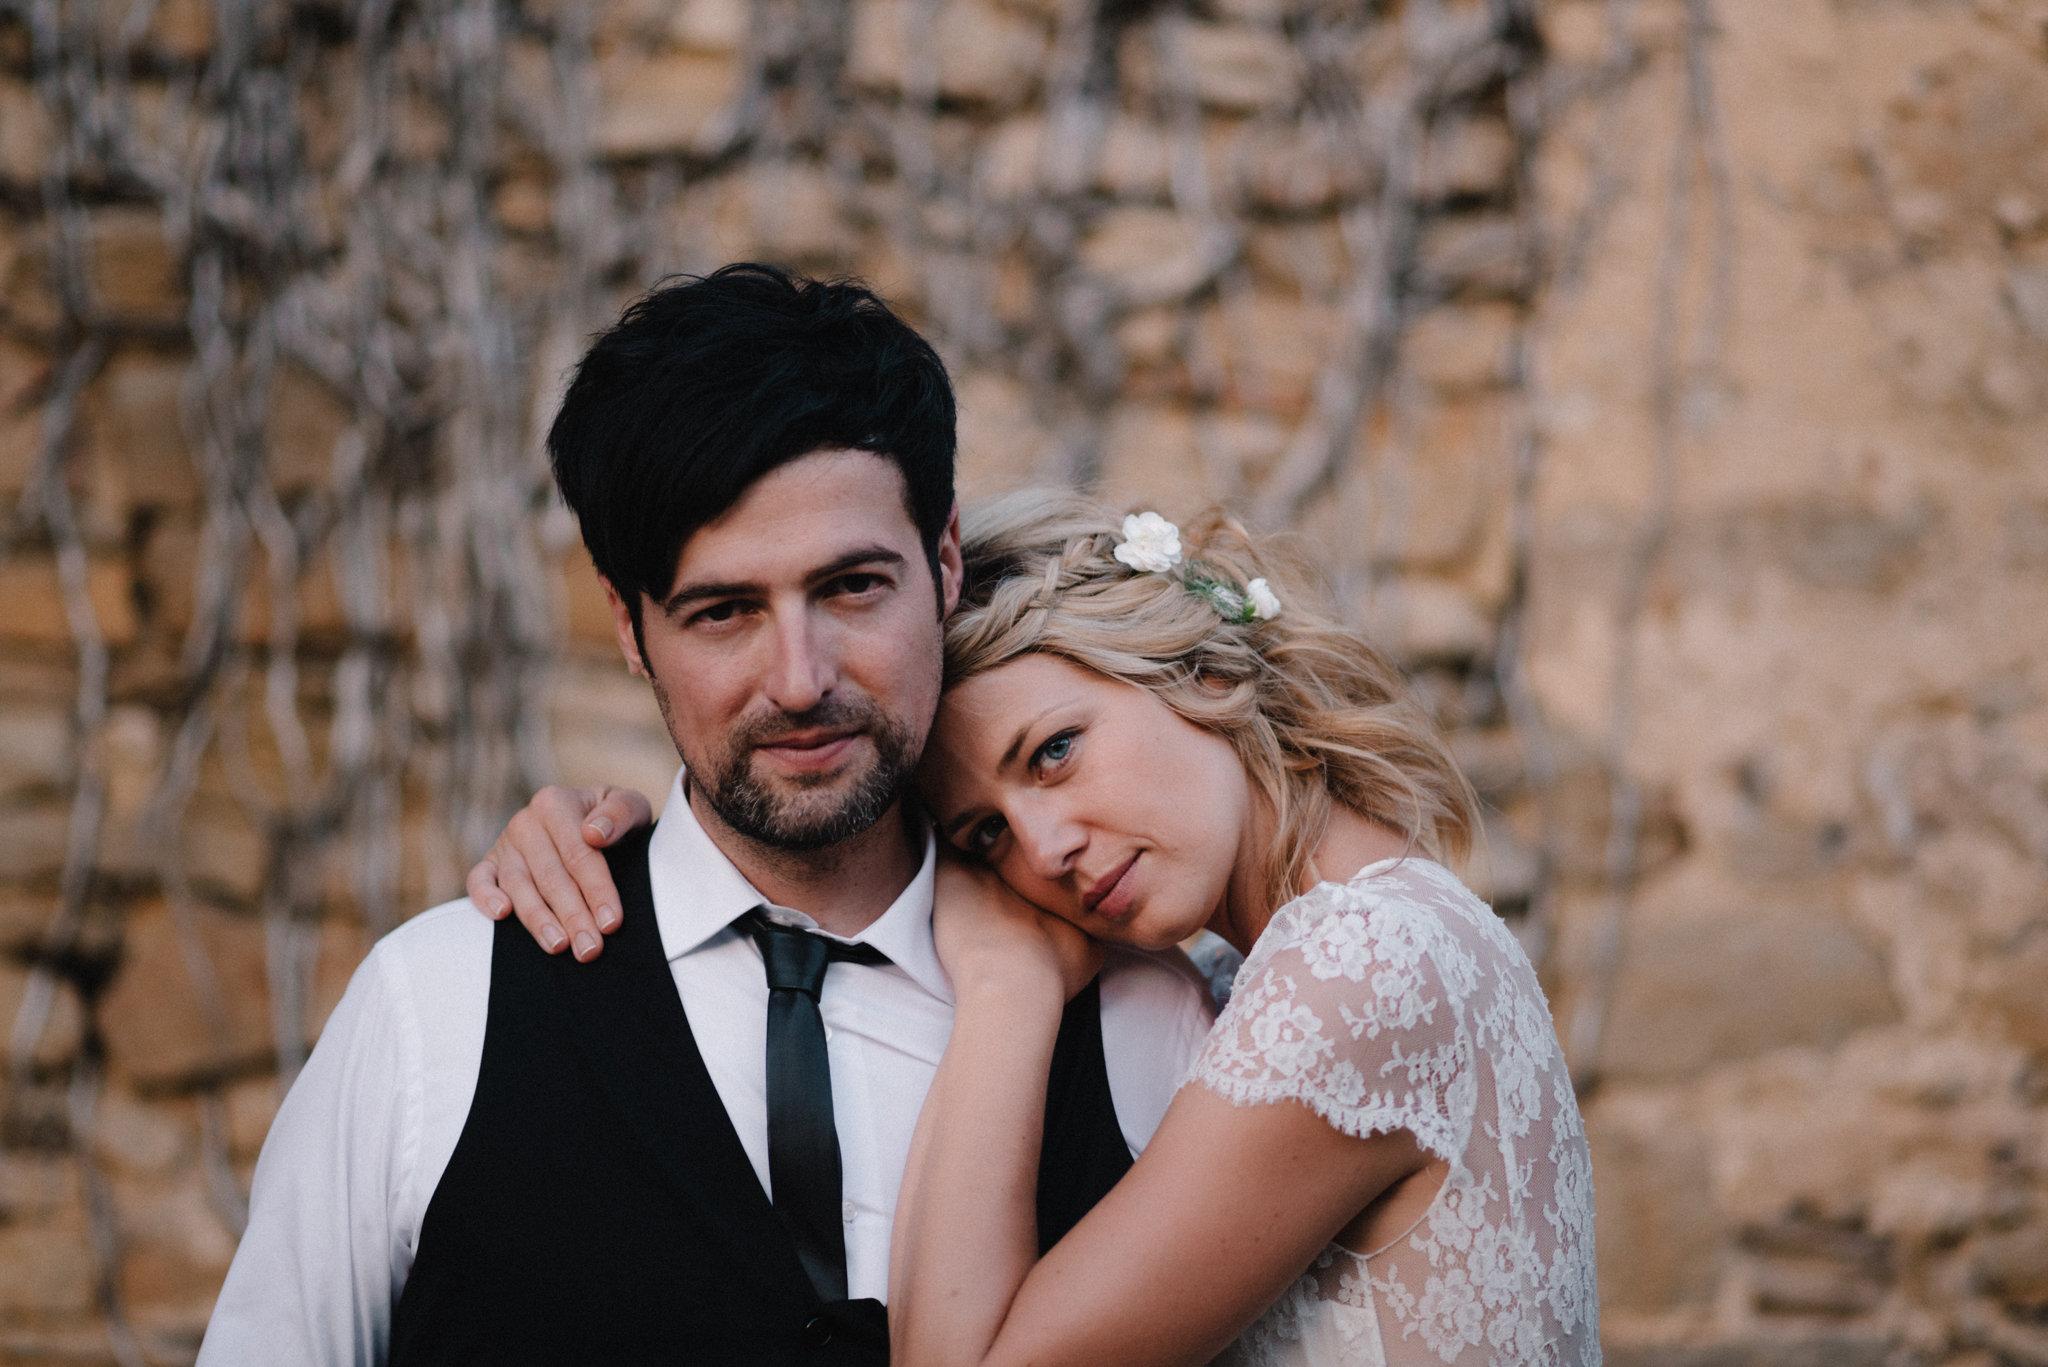 Coiffure bohème mariage katia et antoine